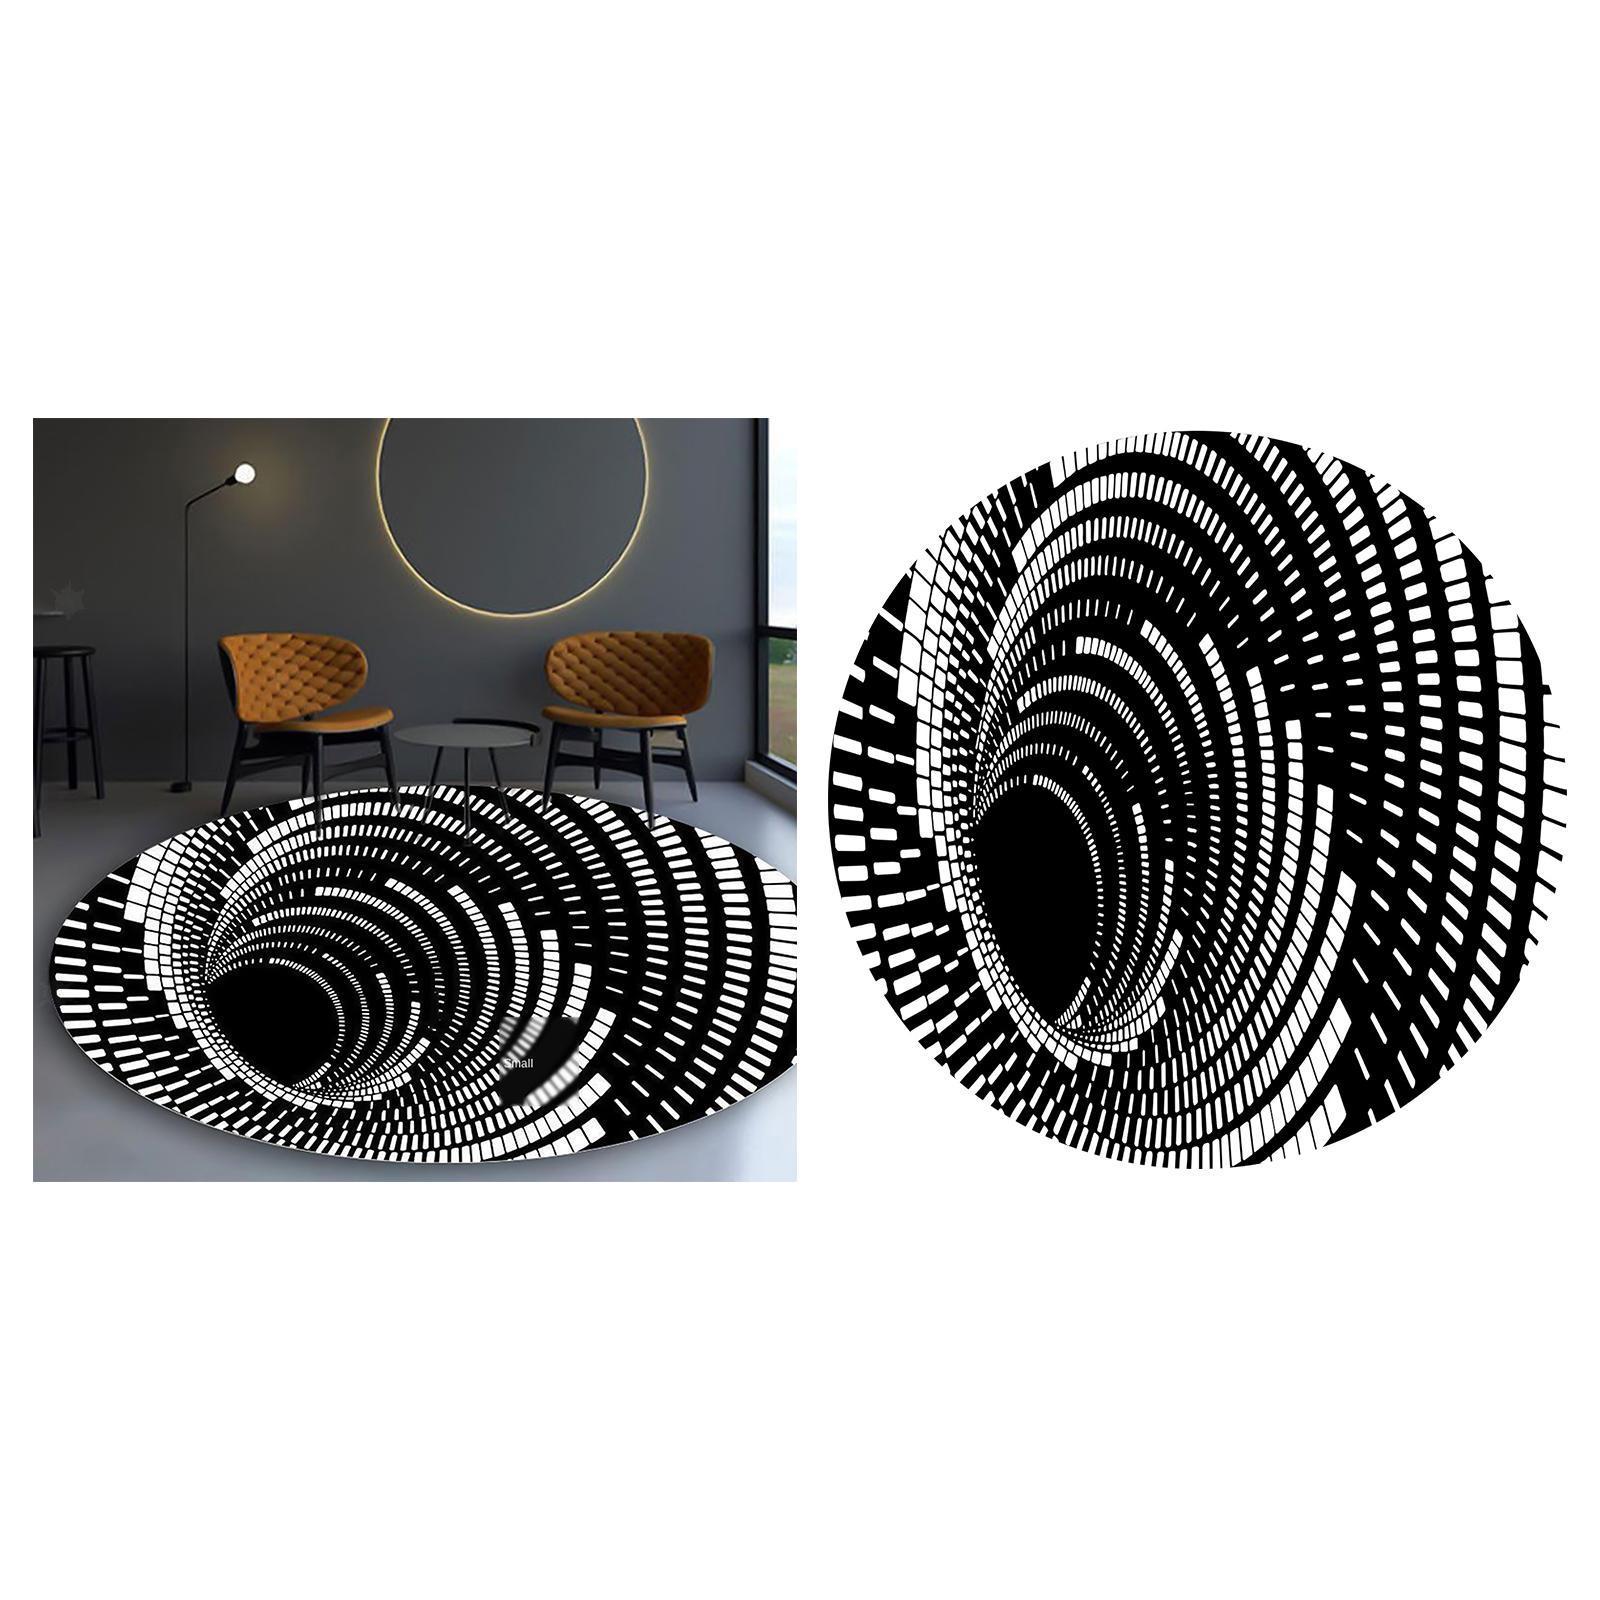 miniatura 13 - Tappetino-per-tappetino-antiscivolo-con-motivo-a-vortice-rotondo-3D